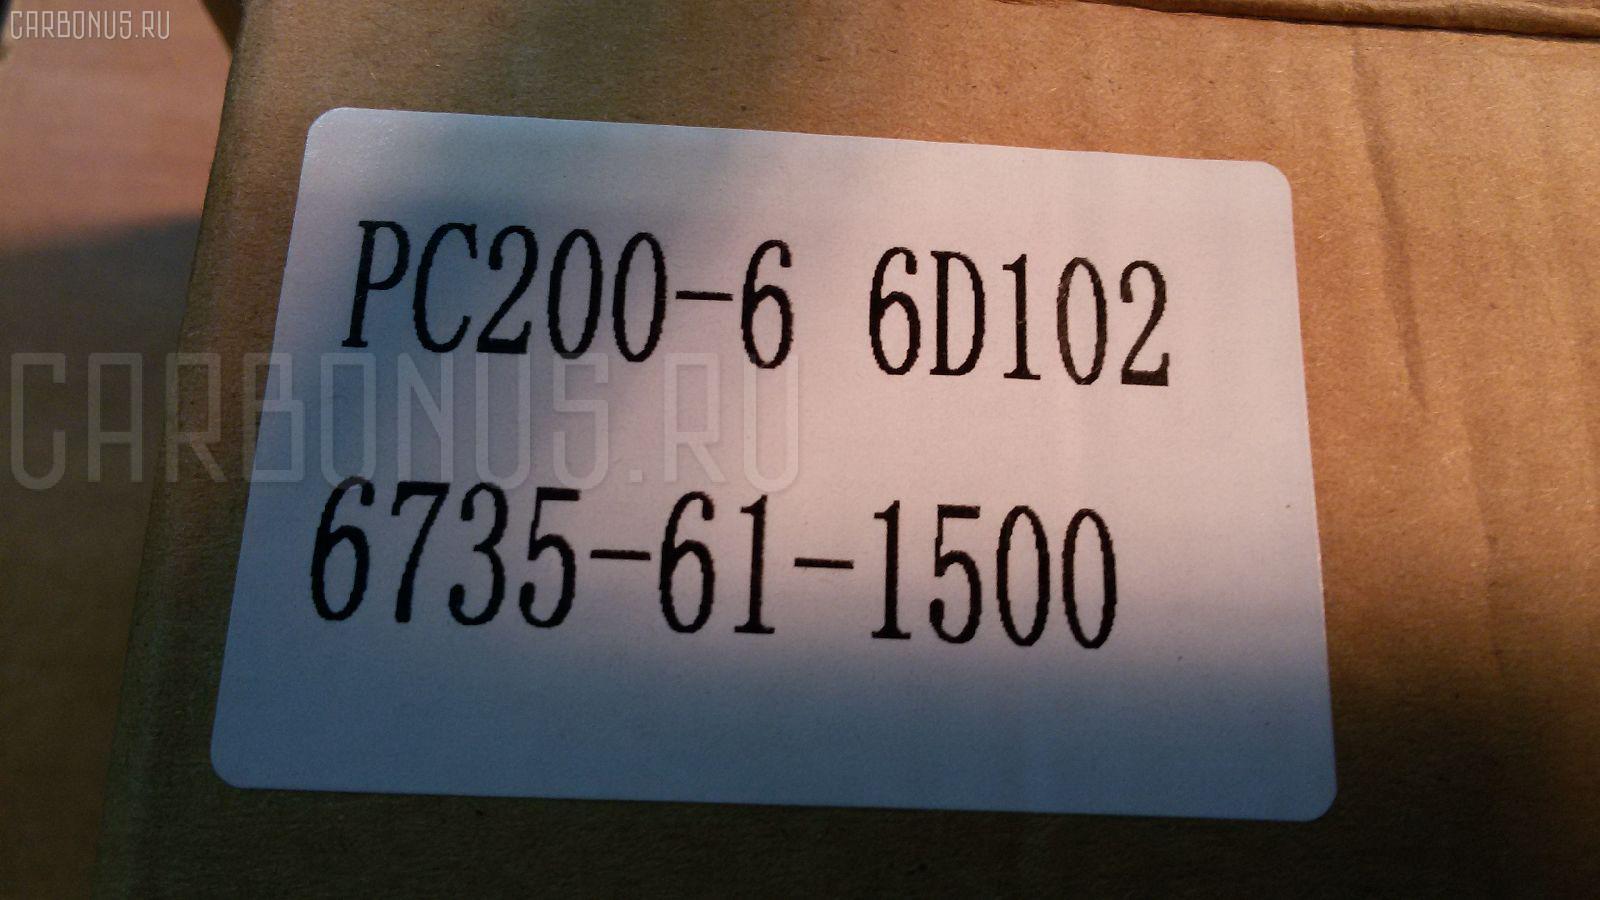 Помпа KOMATSU PC200-6 S6D102 Фото 1